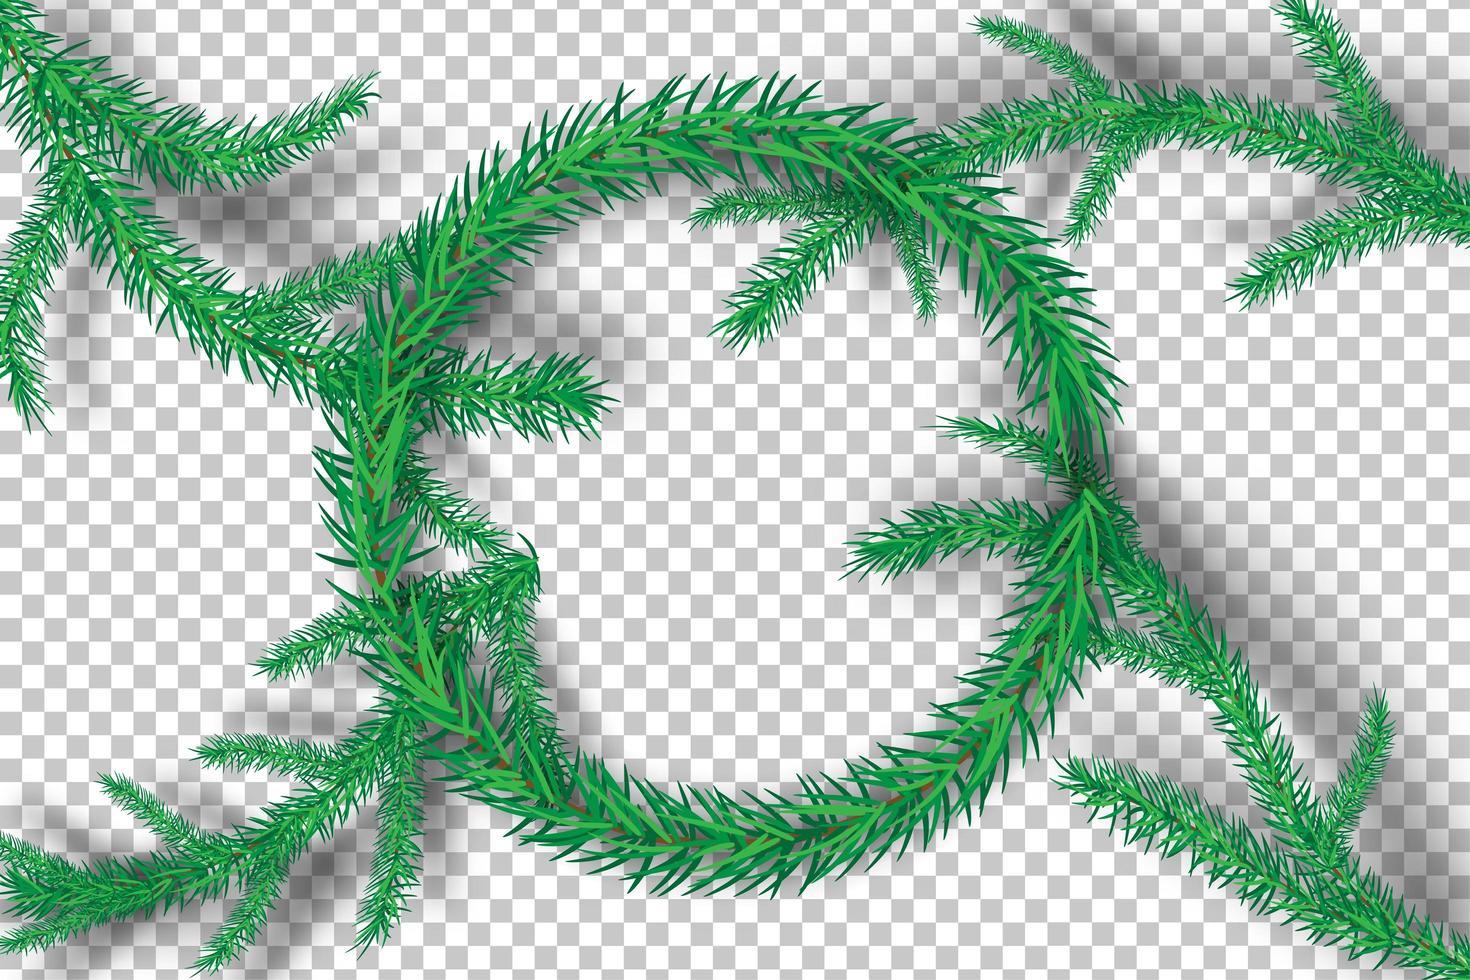 ramas de árboles de navidad sobre fondo de transparencia vector